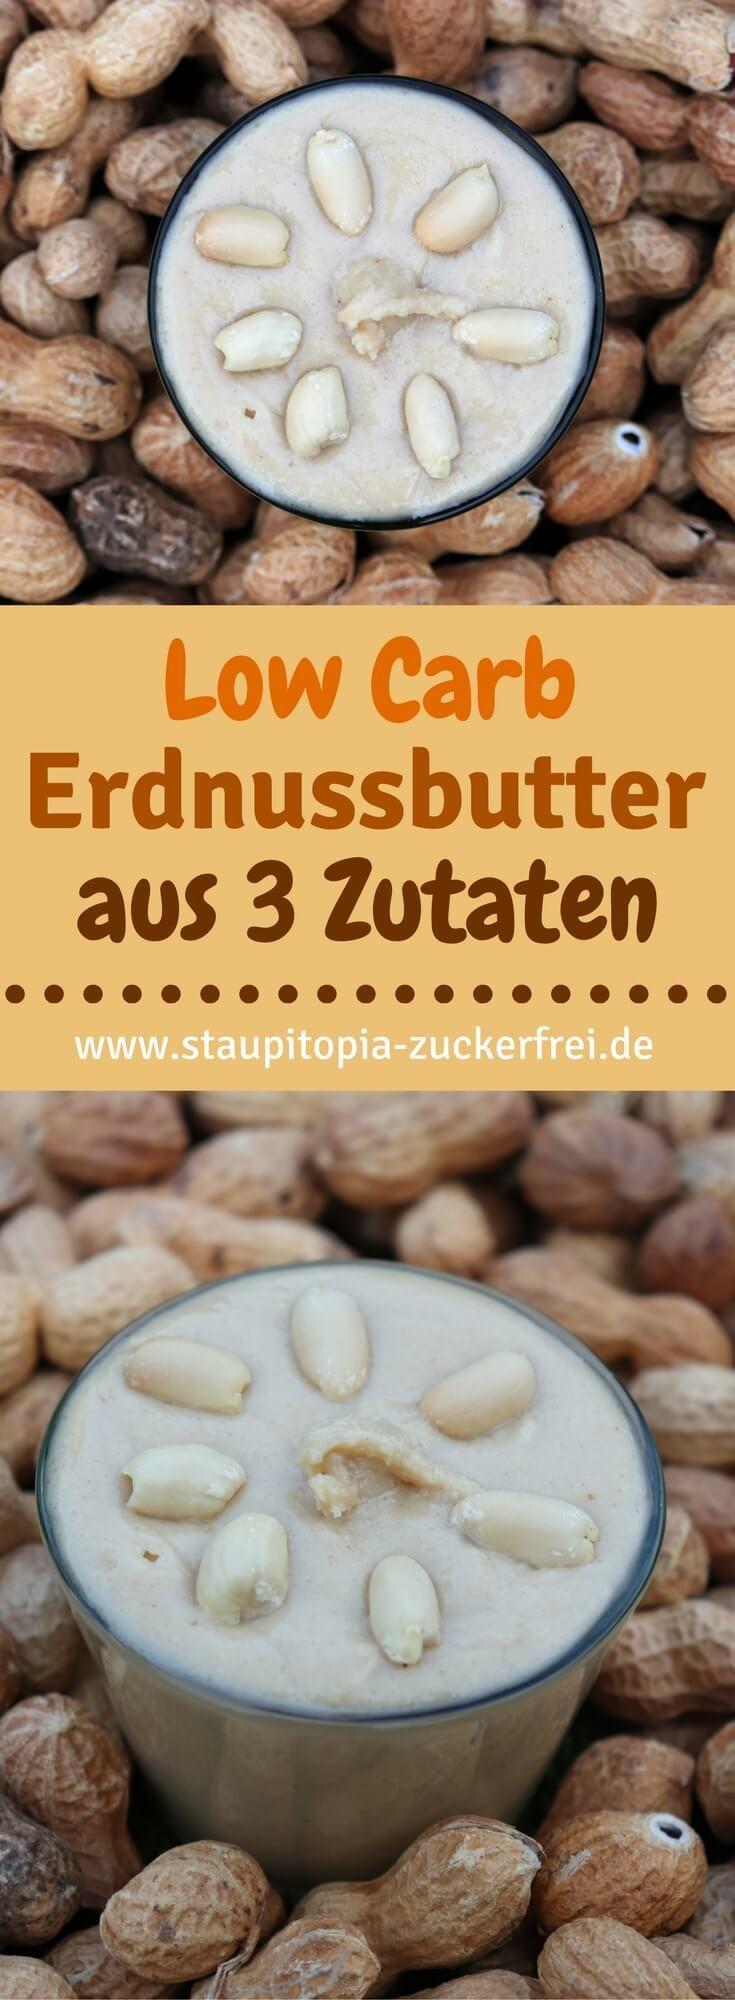 Erdnussbutter ohne Zucker selber machen? Nichts leichter als das! Mit diesem Rezept hast du innerhalb von kürzester Zeit einen köstlichen Low Carb Brotaufstrich selber gemacht, der natürlich zum Frühstück am allerbesten schmeckt. Und das Beste: Für die zuckerfreie Erdnussbutter benötigst du nicht mehr als 2 Zutaten (naja und eine Prise Salz).  #lowcarb #erdnussbutter #ohnezucker #frühstück #staupitopia